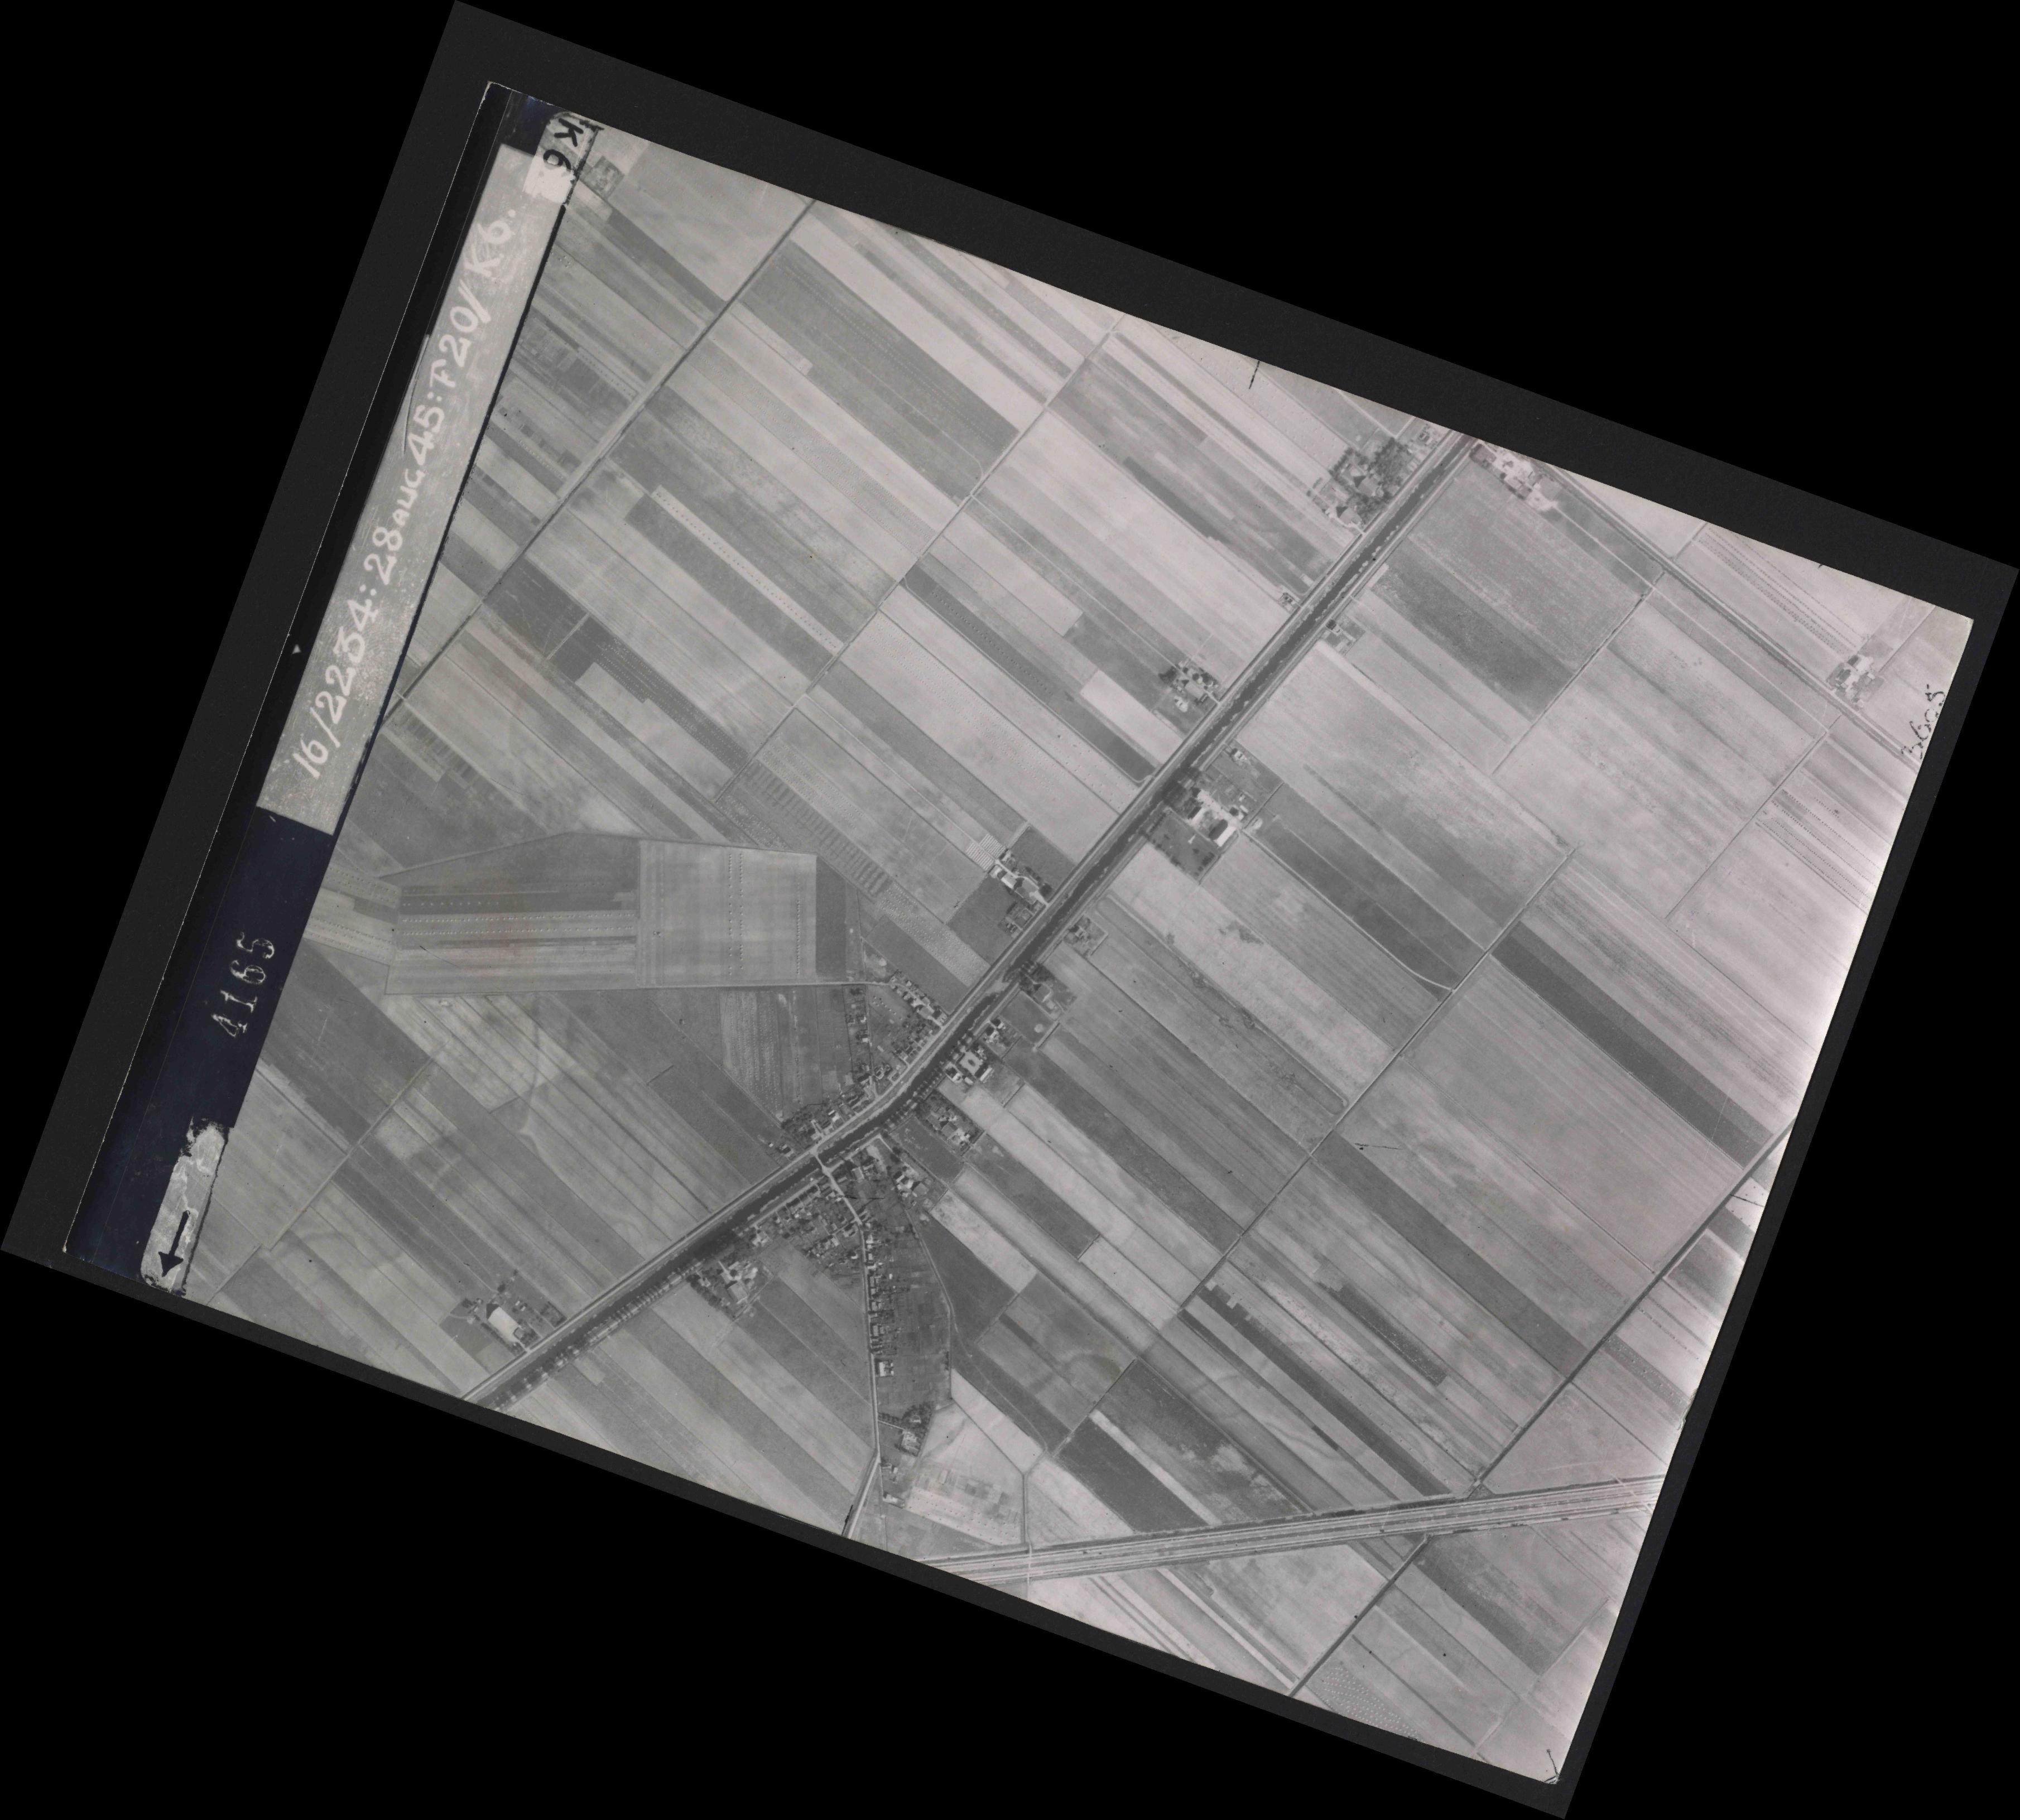 Collection RAF aerial photos 1940-1945 - flight 031, run 01, photo 4165